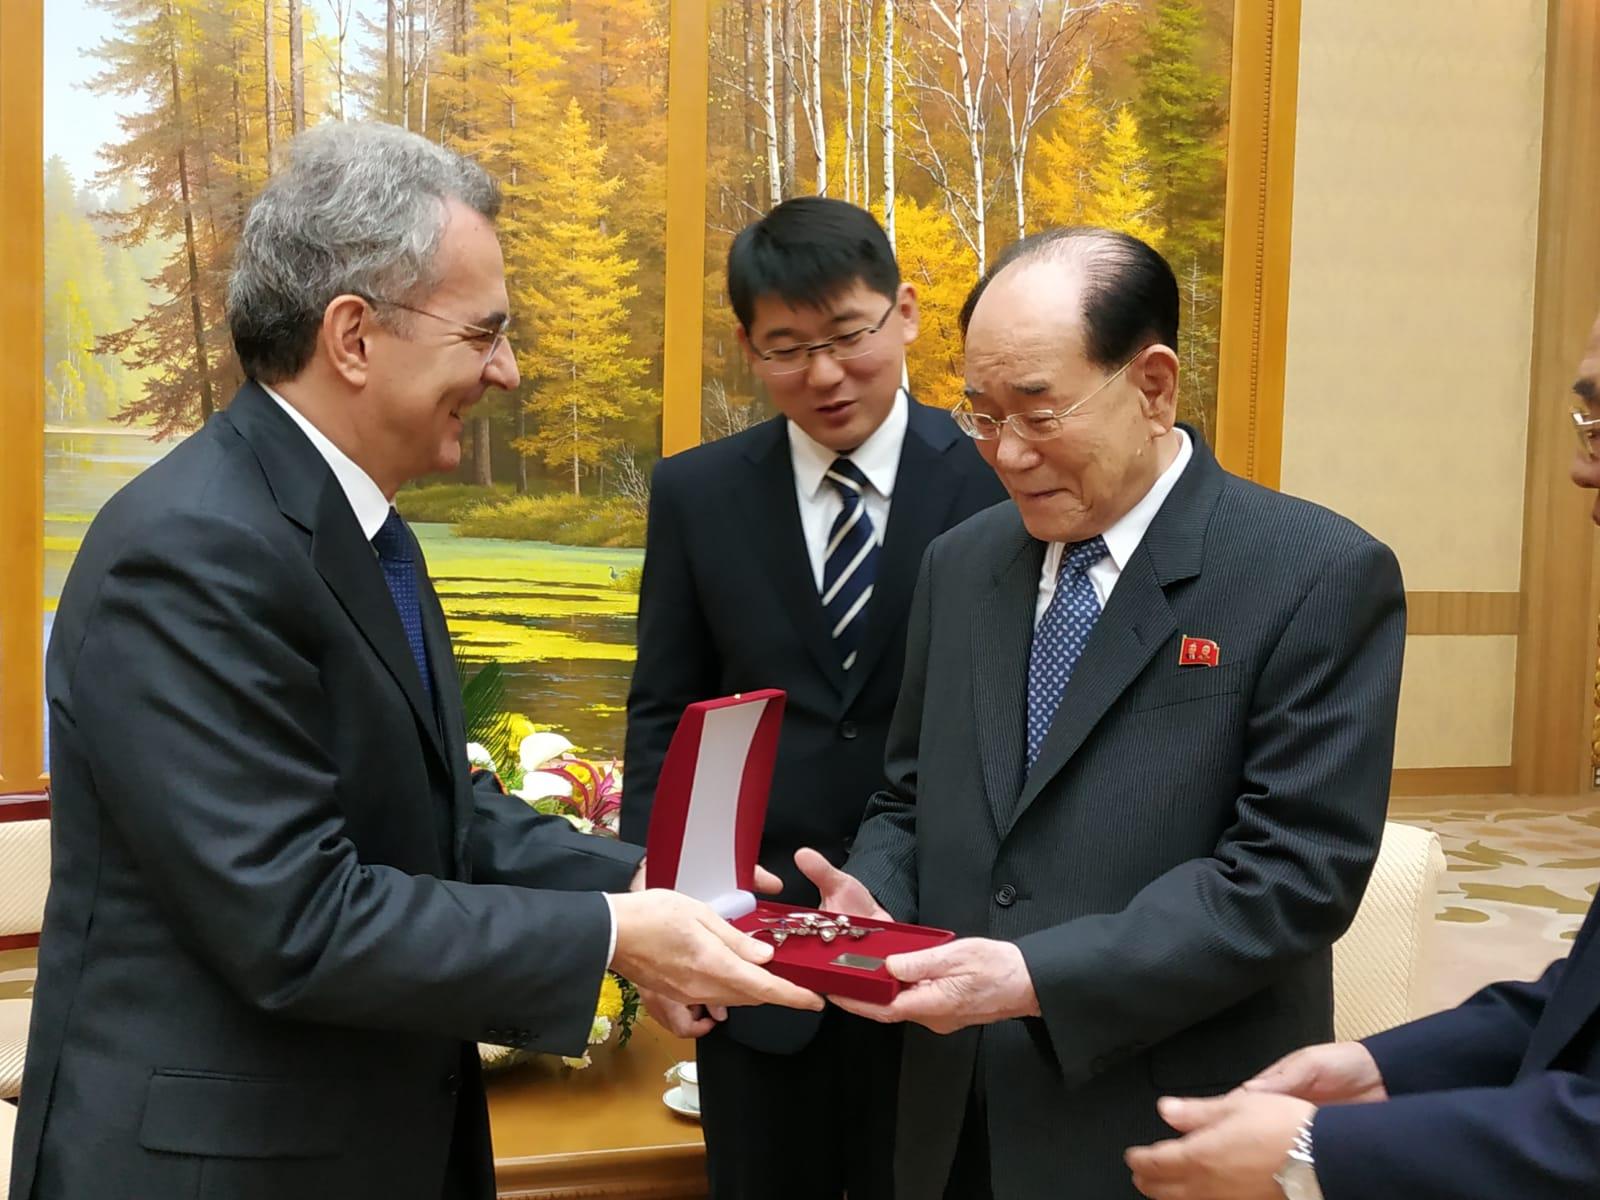 Incontro con Kim Yong Nam Presidente del Presidium dell'Assemblea del Popolo